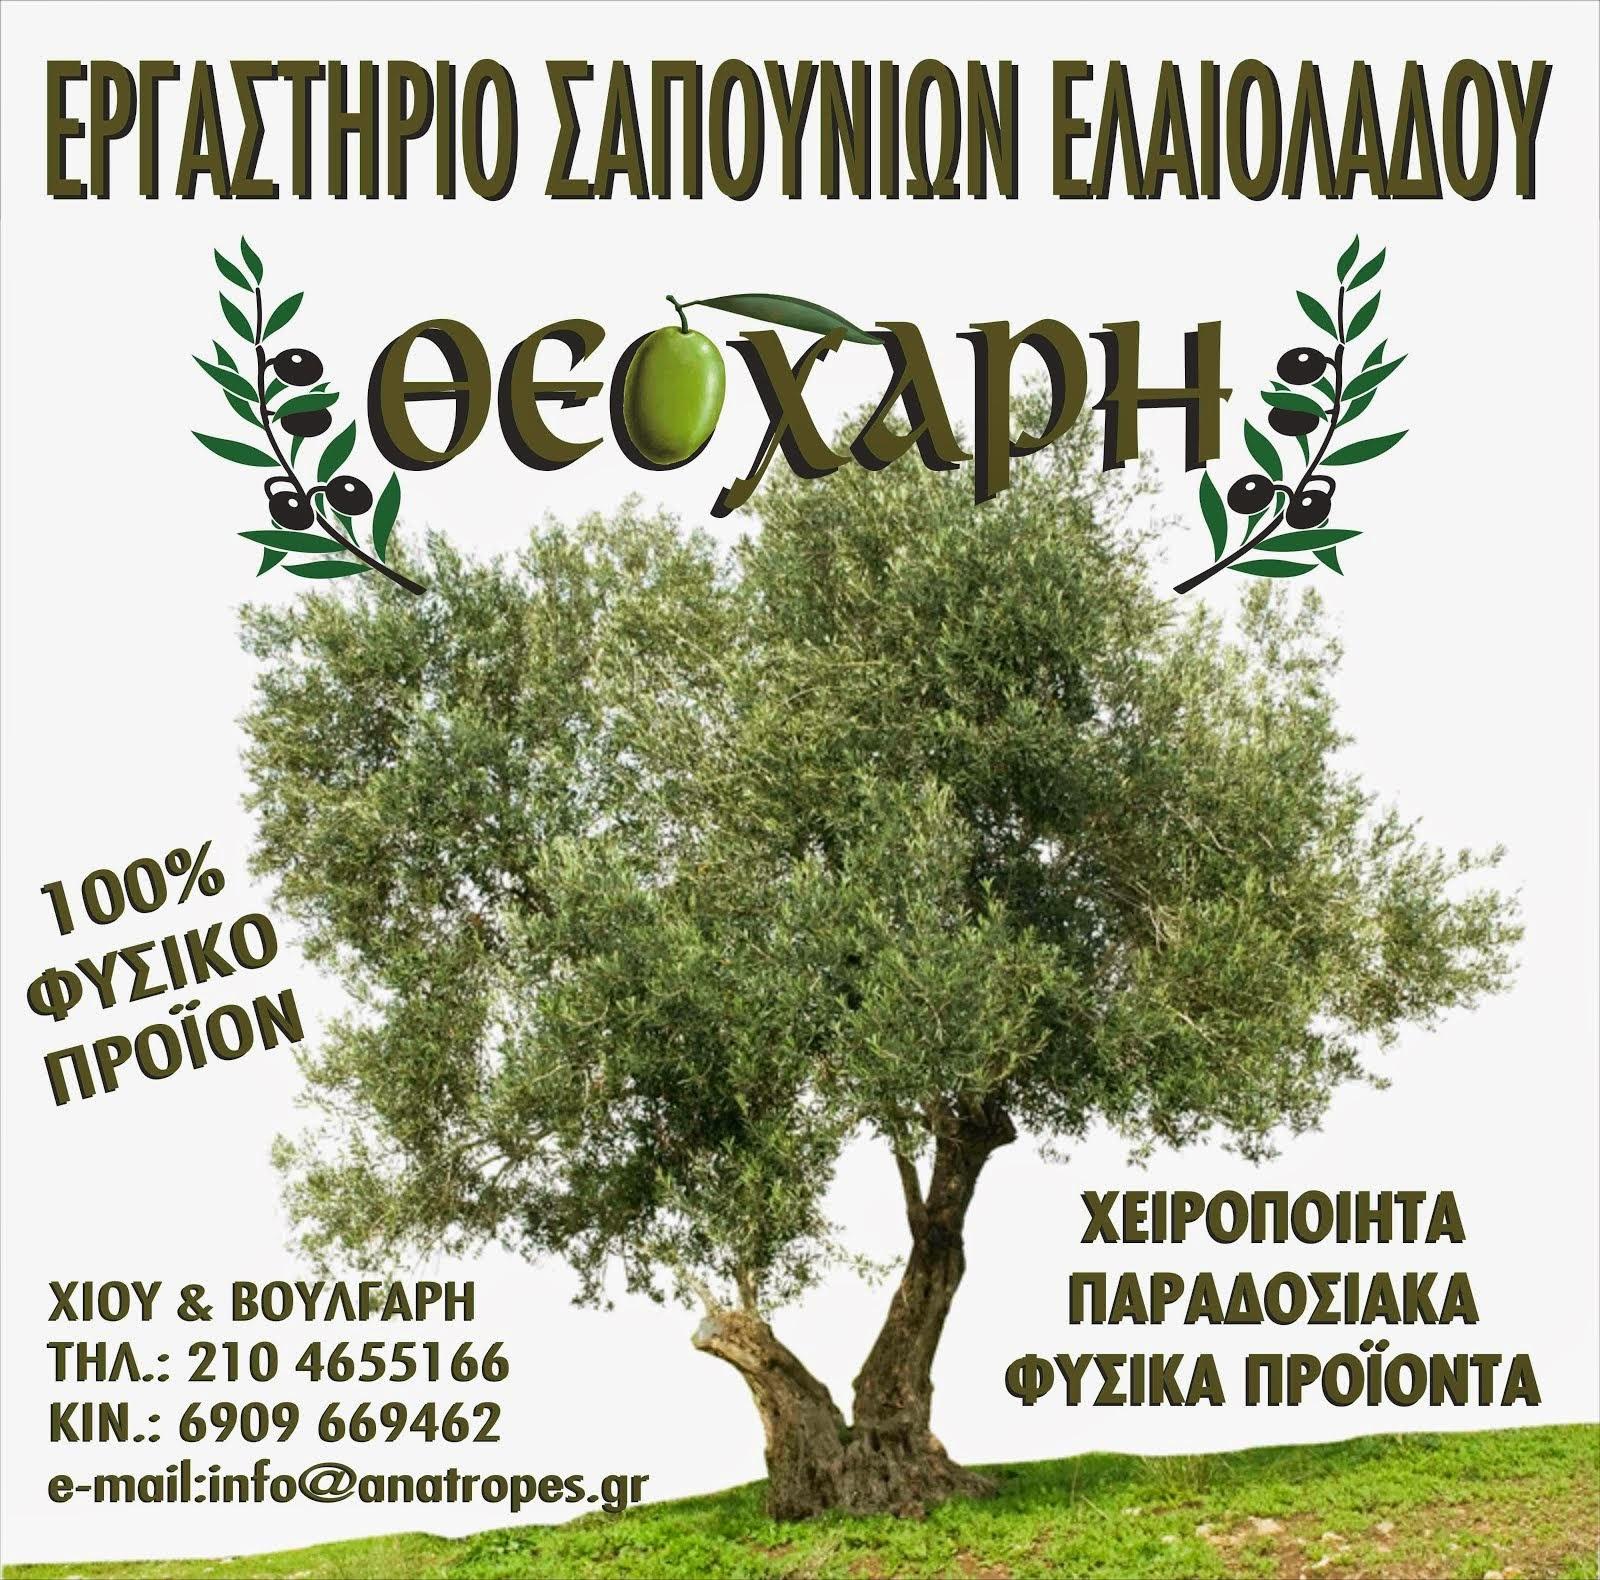 ΑΓΝΑ ΦΥΣΙΚΑ ΣΑΠΟΥΝΙΑ ΕΛΑΙΟΛΑΔΟΥ